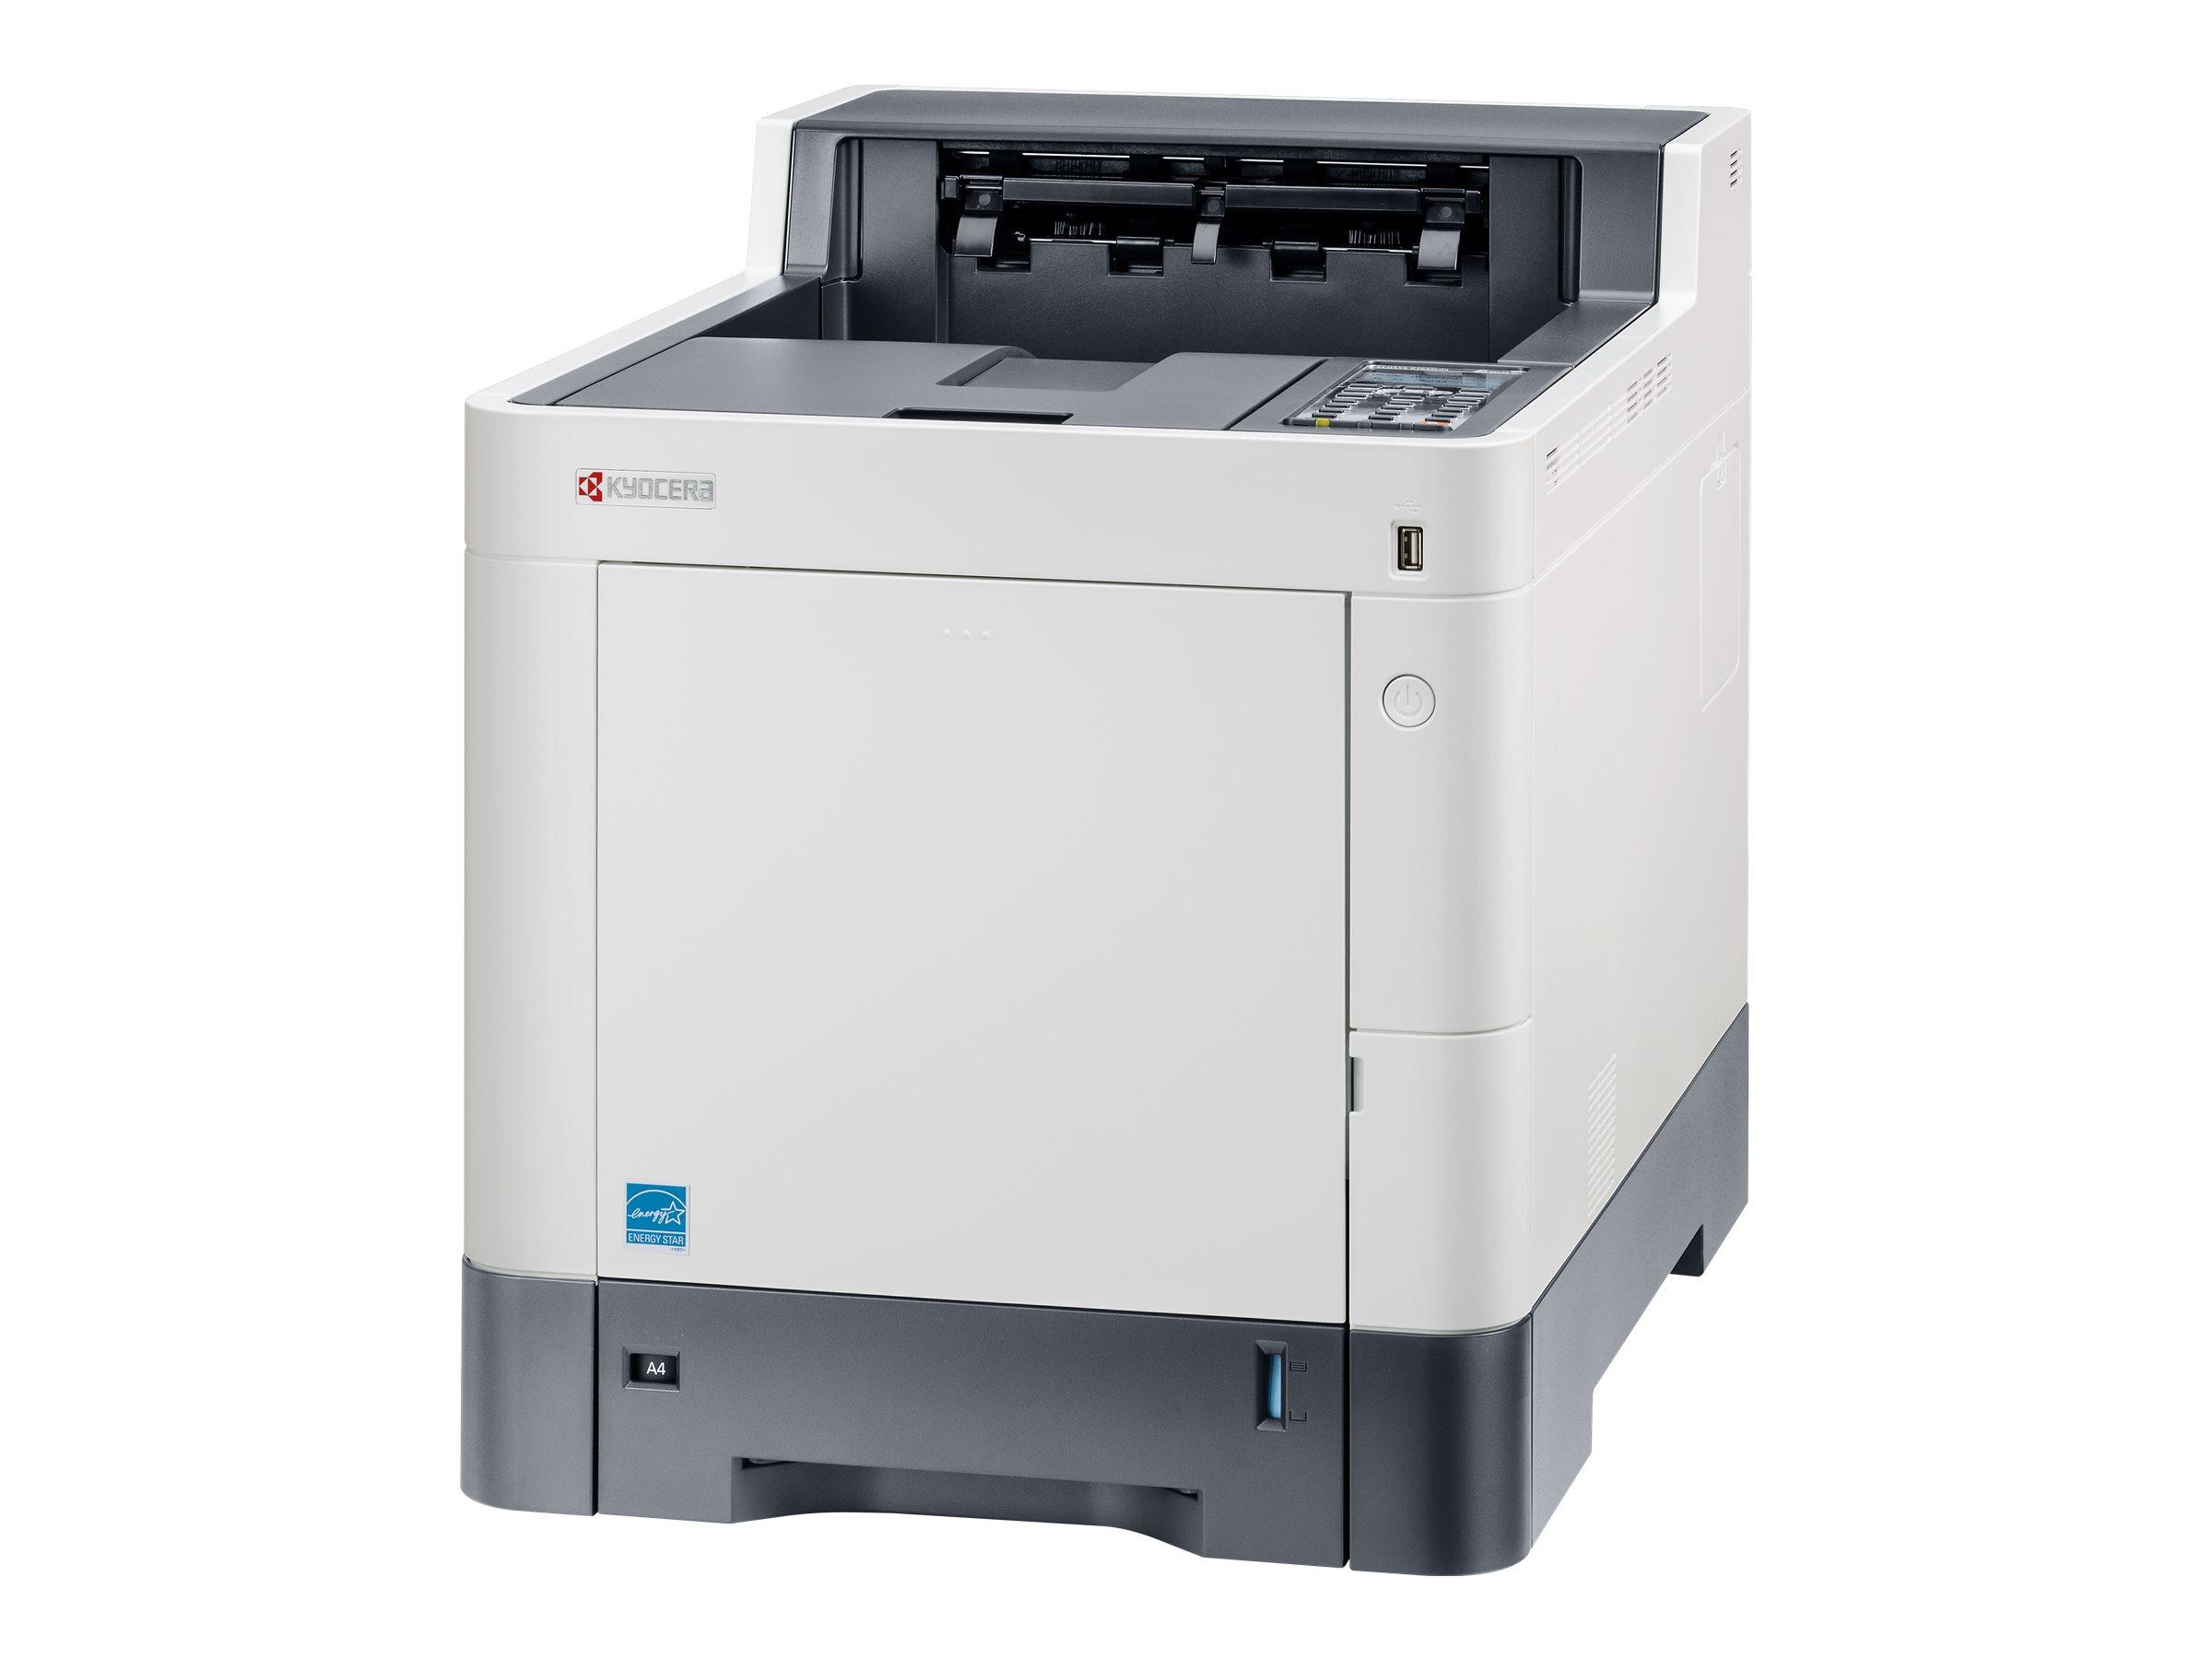 Vorschau: Kyocera ECOSYS P7040cdn - Drucker - Farbe - Duplex - Laser - A4/Legal - 9600 x 600 dpi - bis zu 40 Seiten/Min. (einfarbig)/